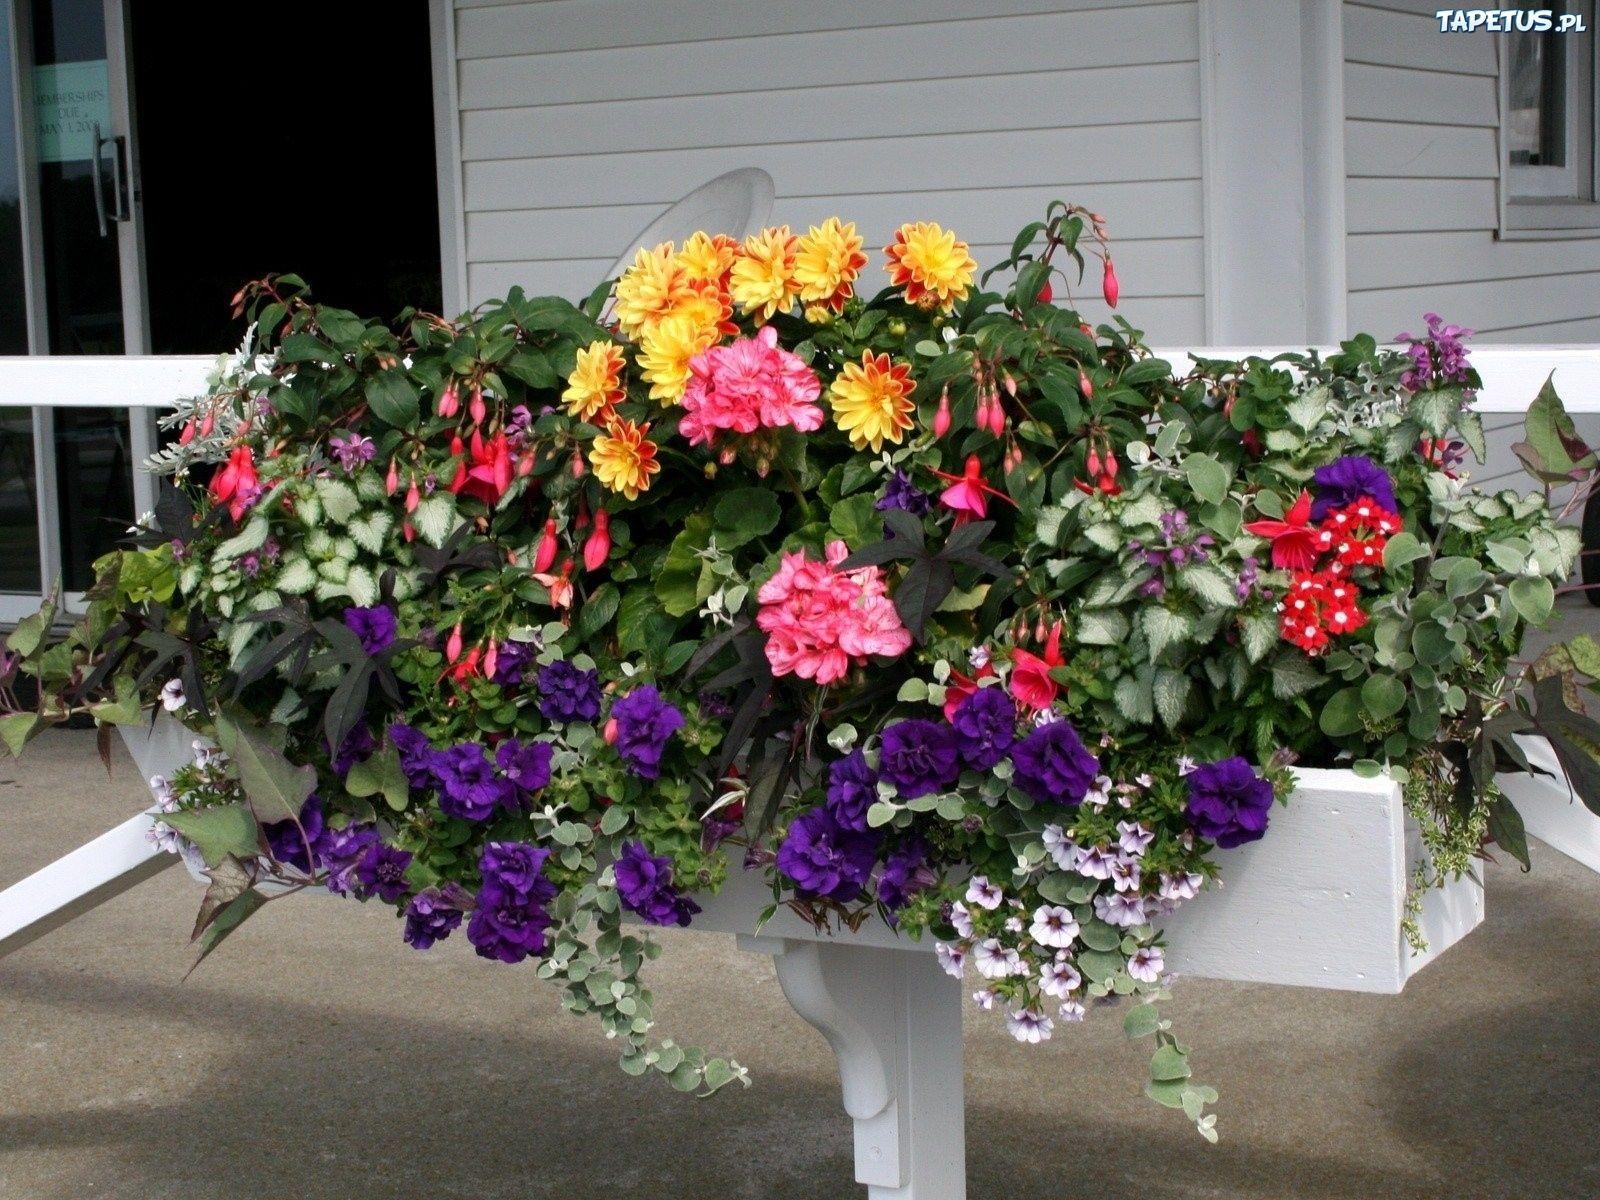 Kwiaty Balkonowe Kompozycja Tapety Flower Backround Flower Pots Petunias